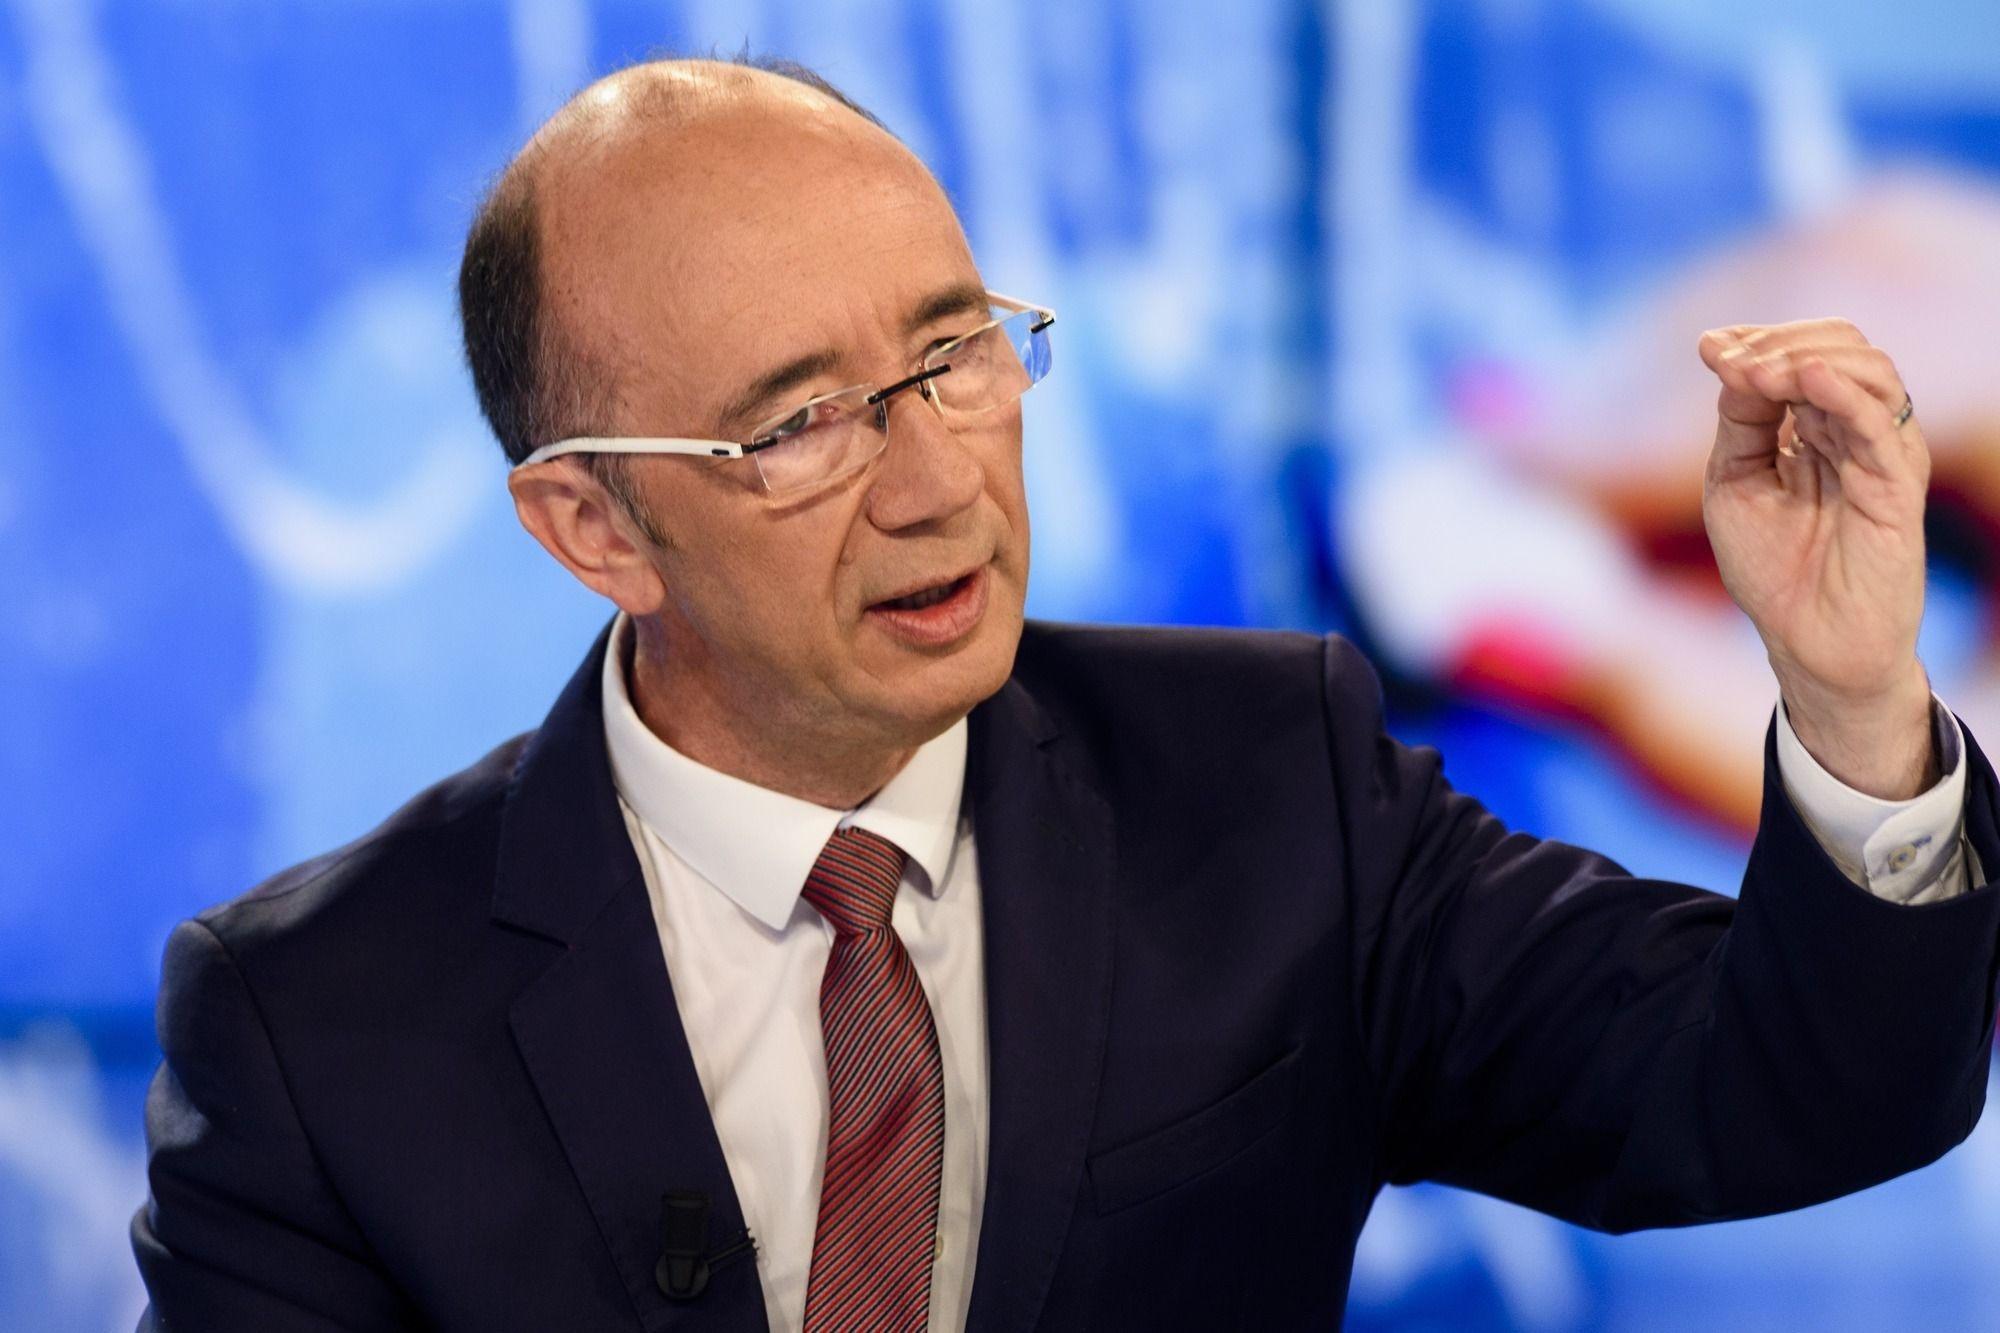 Rudy Demotte, ministre president de la Fédération Wallonie Bruxelles (14/05/2017), BELGAIMAGE